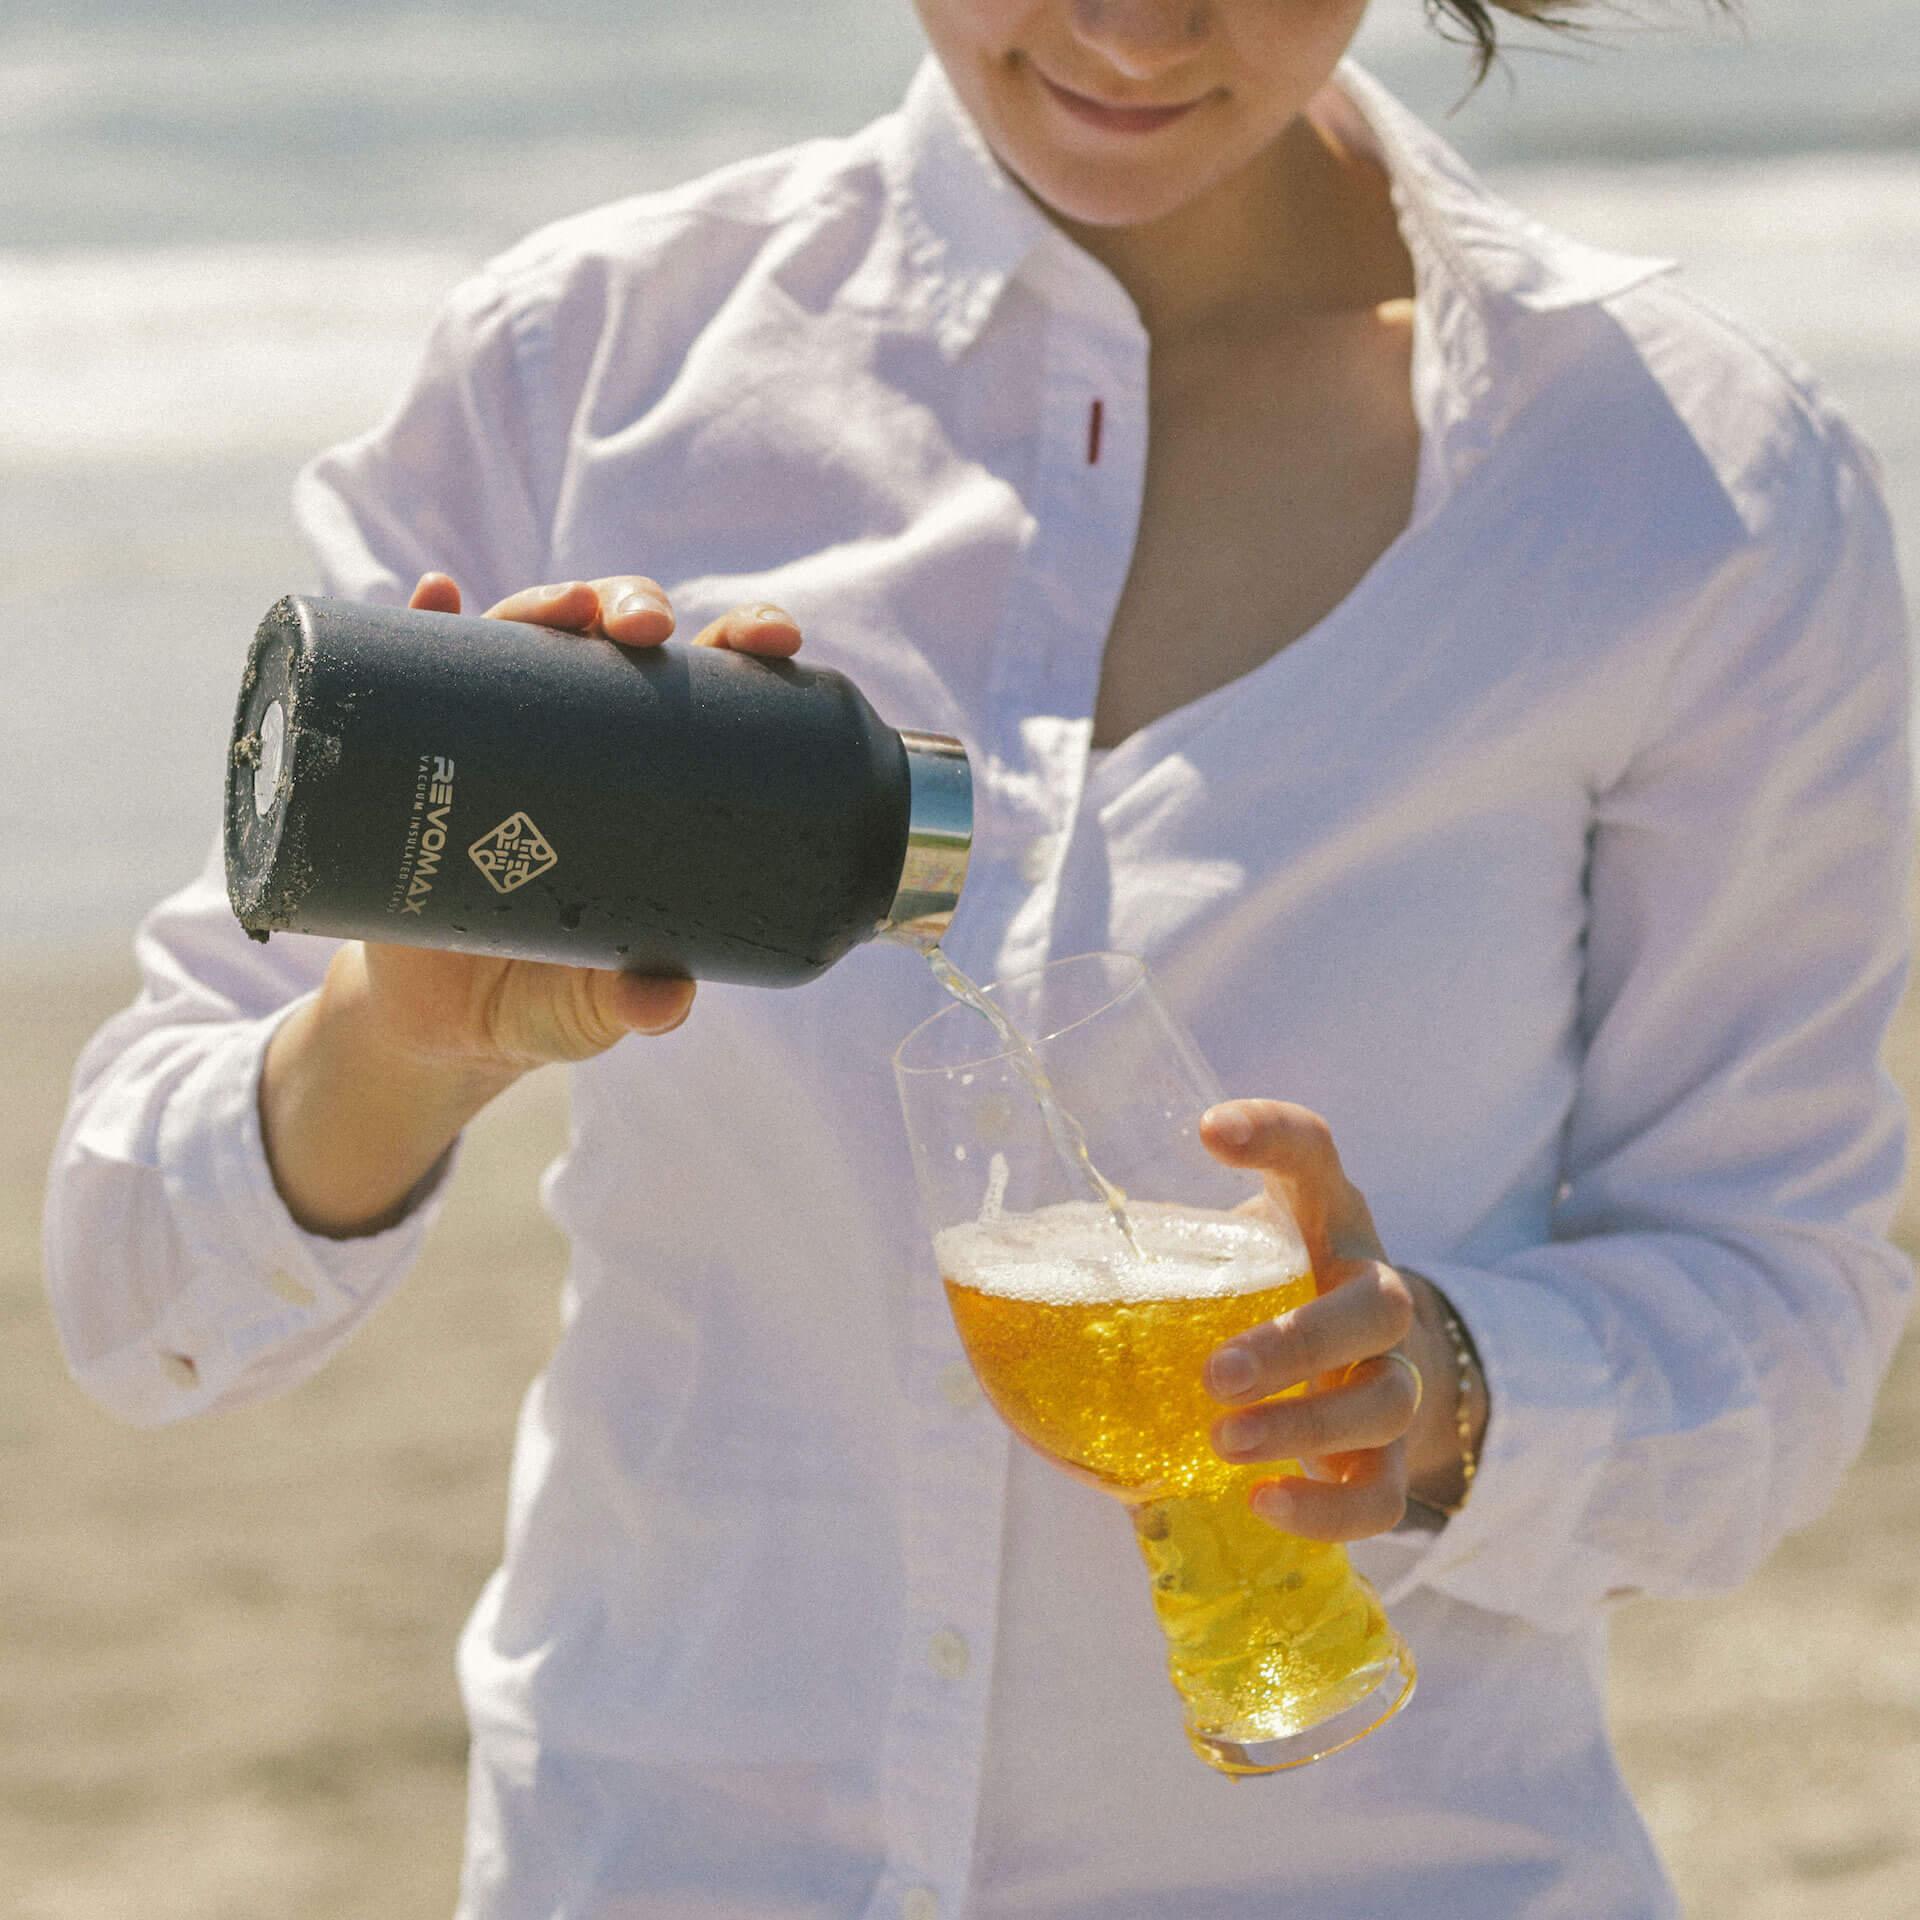 炭酸が入れられるボトル『REVOMAX』で冷えたビールをテイクアウトしよう!全国の量り売り店舗を紹介するmapも公開 gourmet_200701_revomax_beer_06